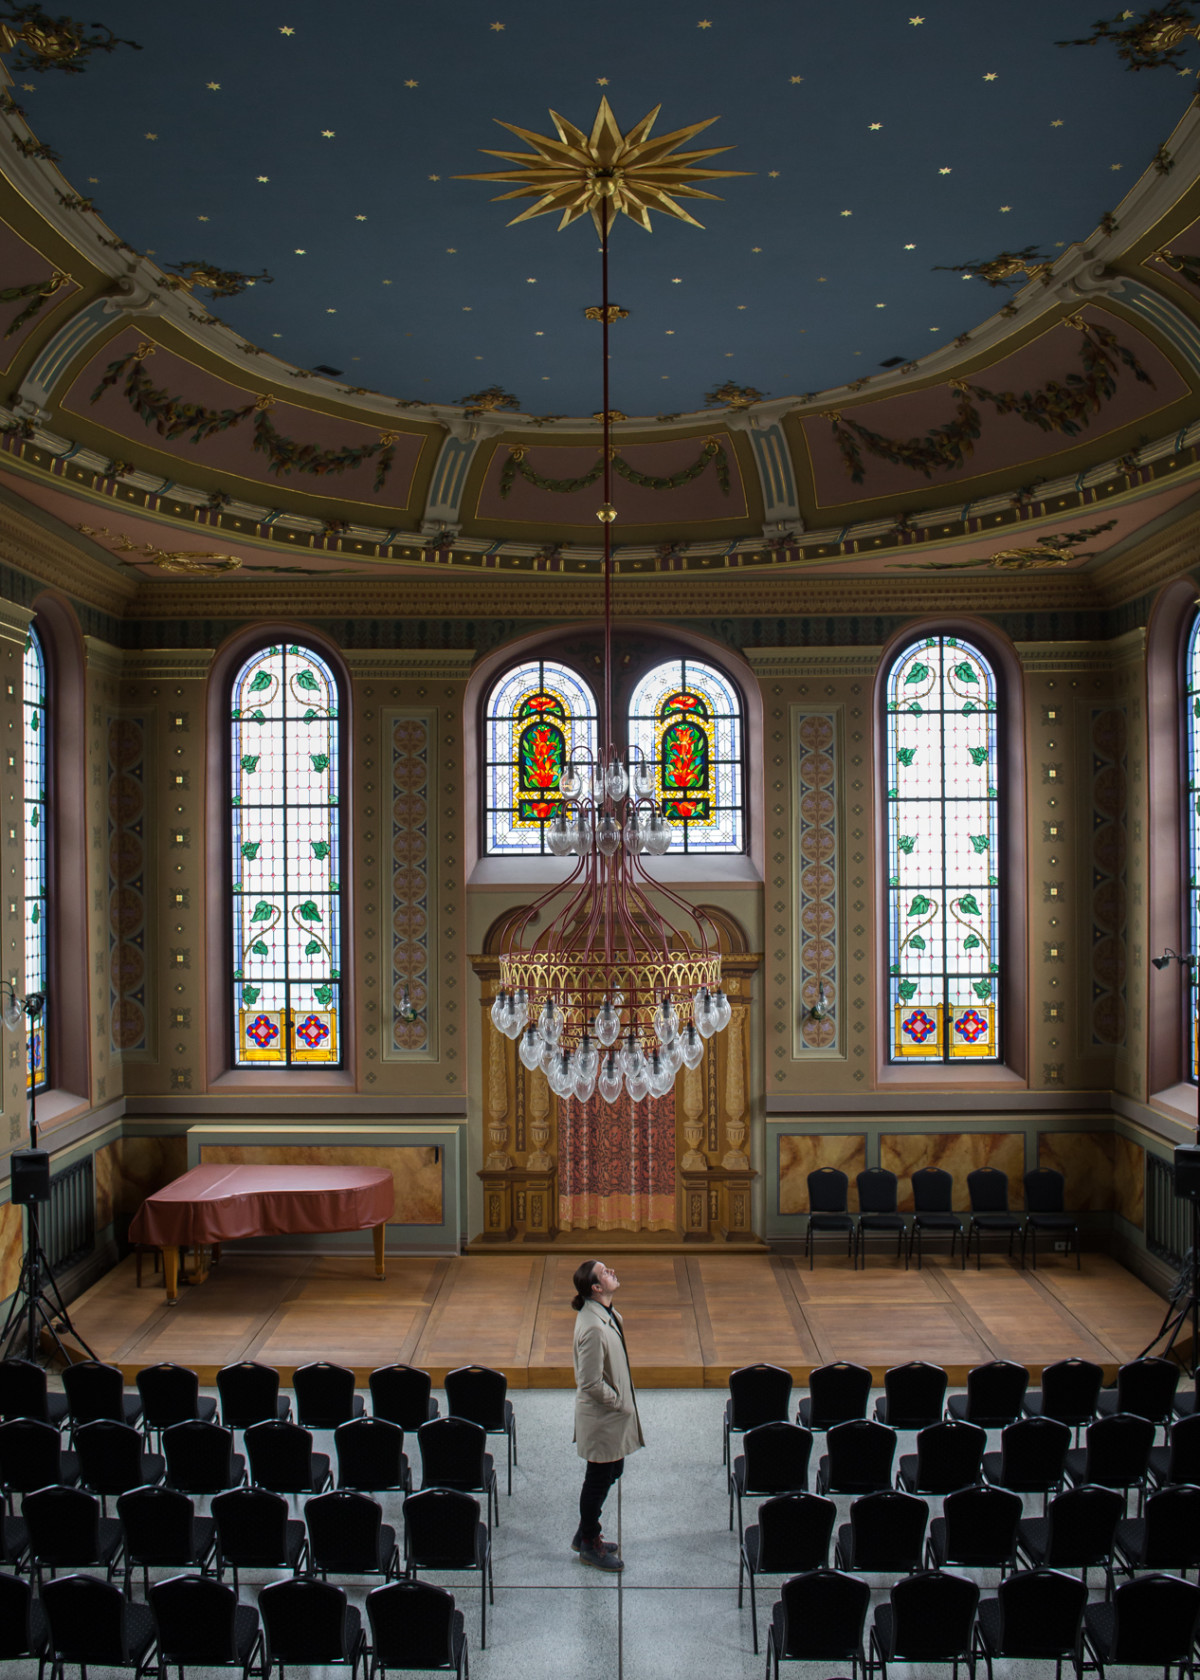 Zu Besuch in der ehemaligen Synagoge in Ichenhausen von 1781. Die originale Deckenbemalung hat wie durch ein Wunder alle Zerstörungsversuche überstanden (Foto: Monika Höfler)